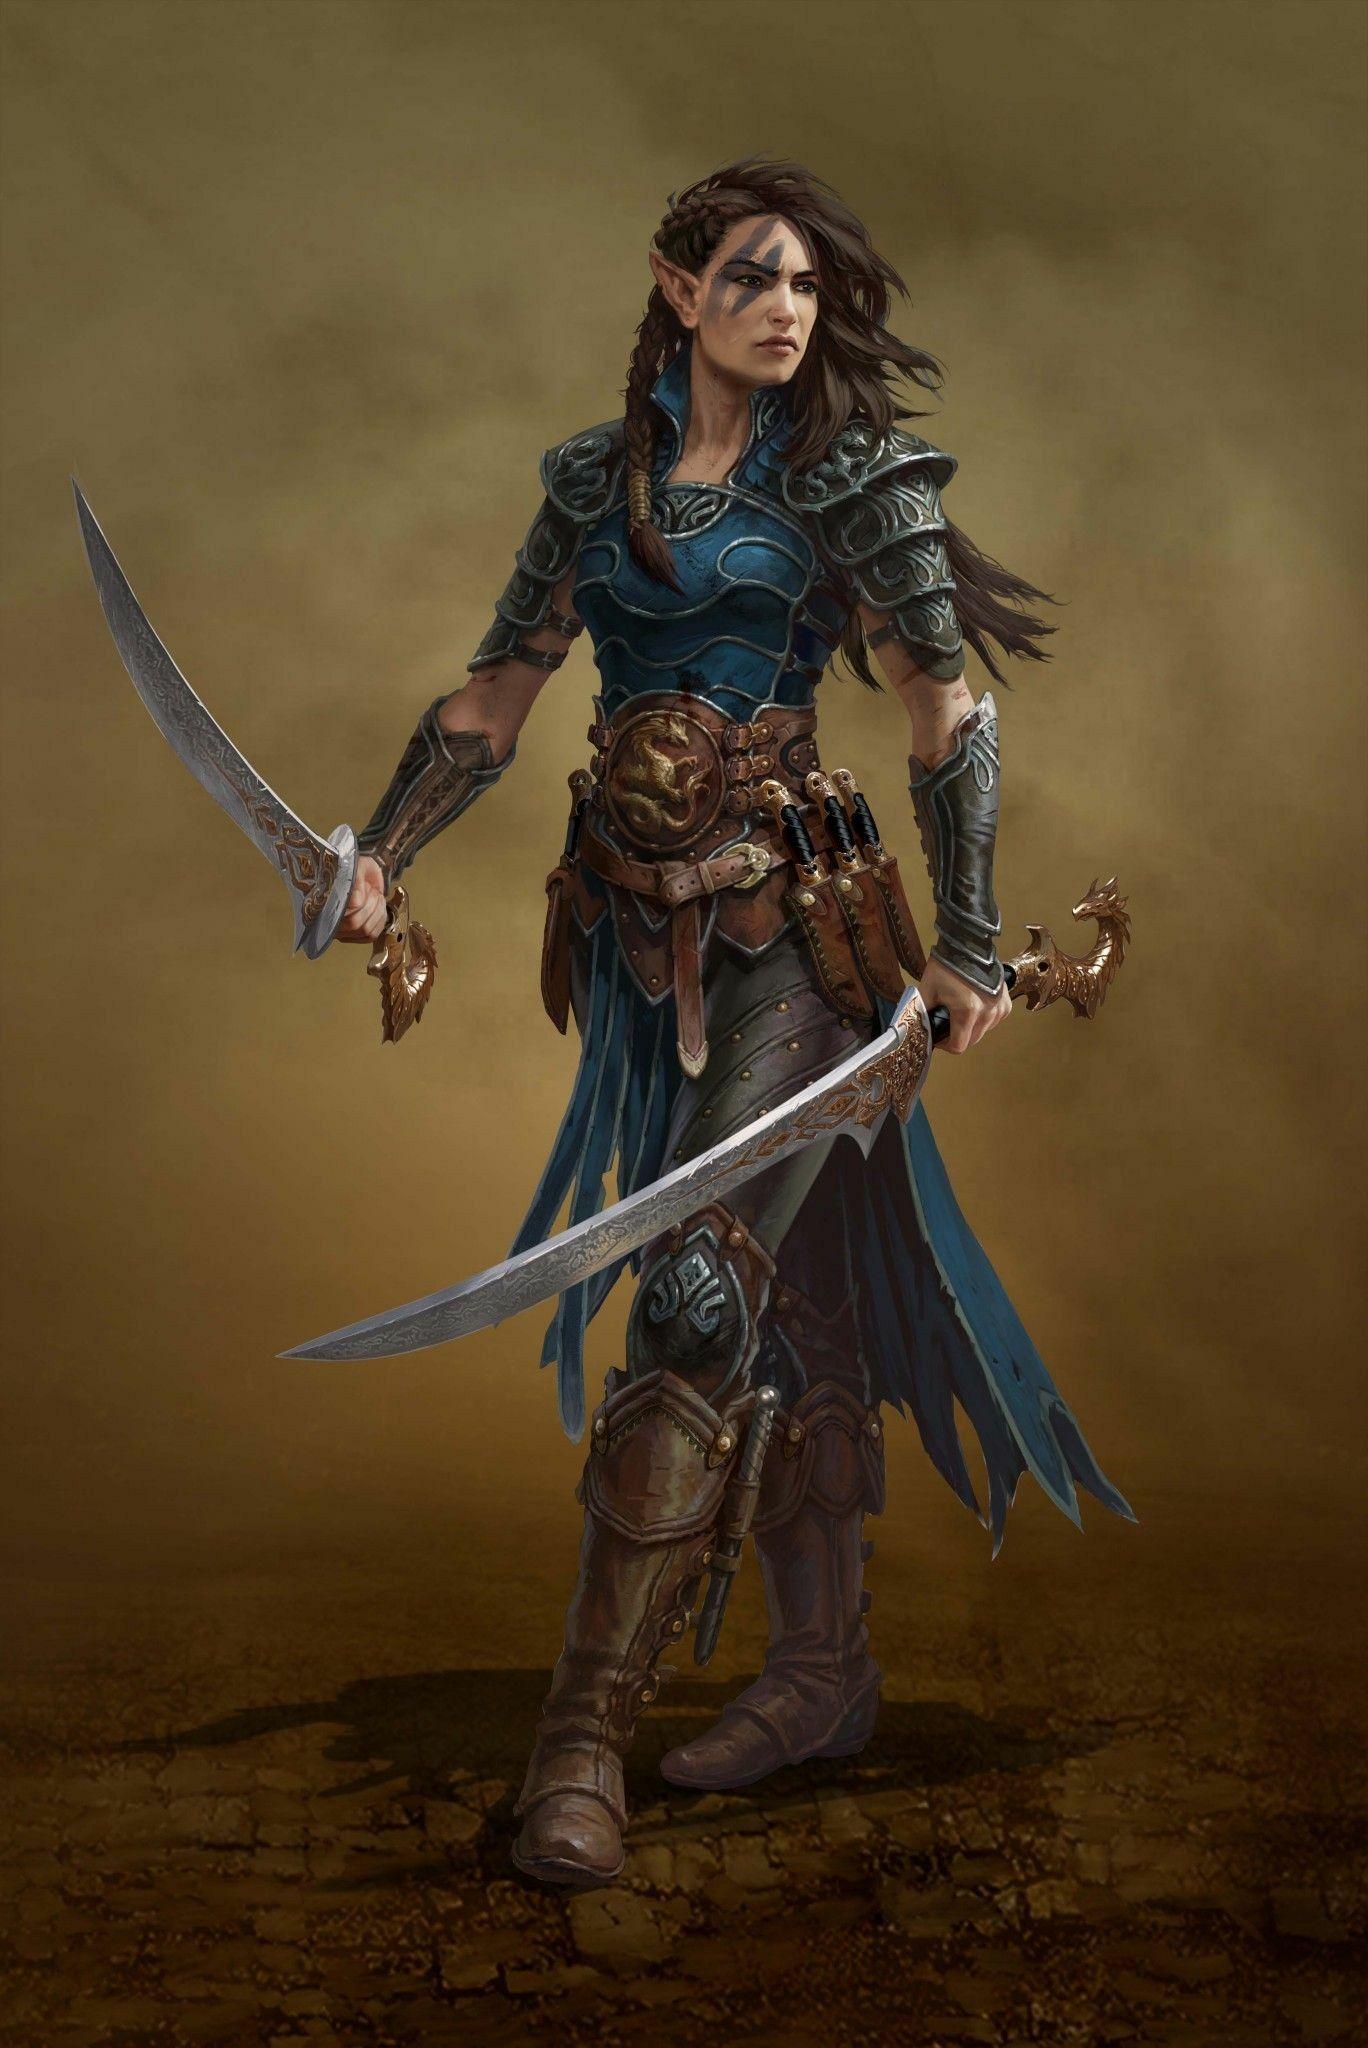 Download Fantasy Art Female Elf Ranger Images